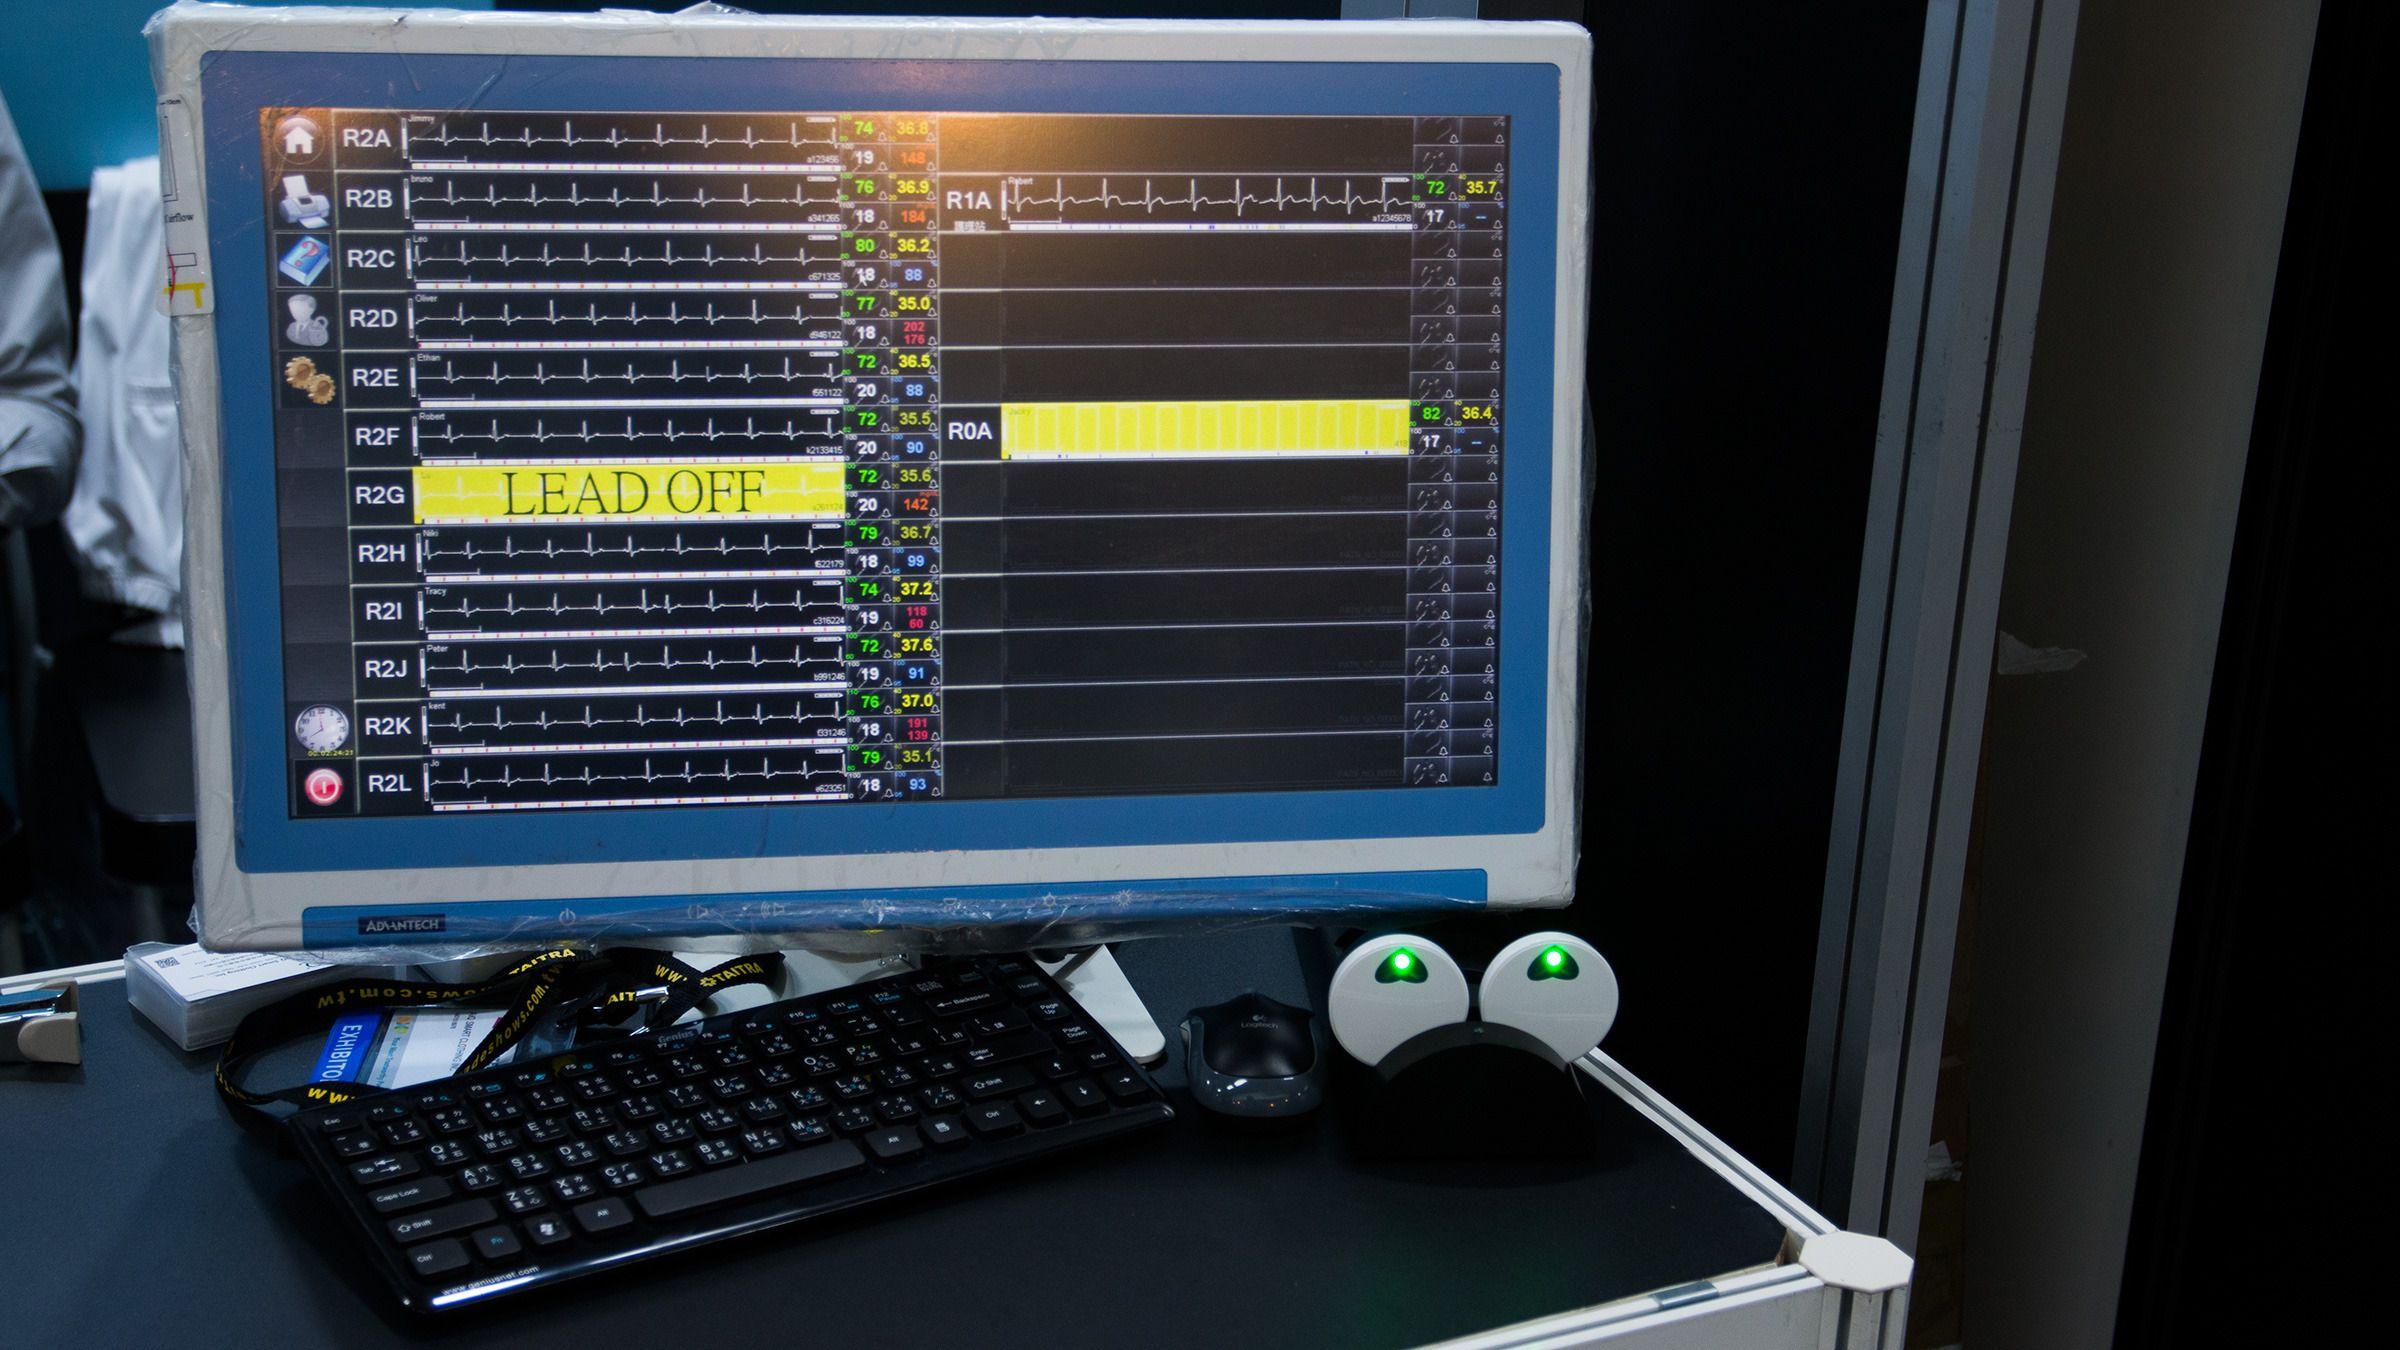 Alle de AiQ-ansatte på deres Computex-stand, representert ved informasjonen som klærne deres sender til en basestasjon. De to gule feltene kommer av sendere som er utenfor de 40 meters rekkevidde som AiQ tenker seg vil passe best for sykehus, hvor man kan ha stasjoner utplassert med overlappende rekkevidder.Foto: Varg Aamo, Hardware.no